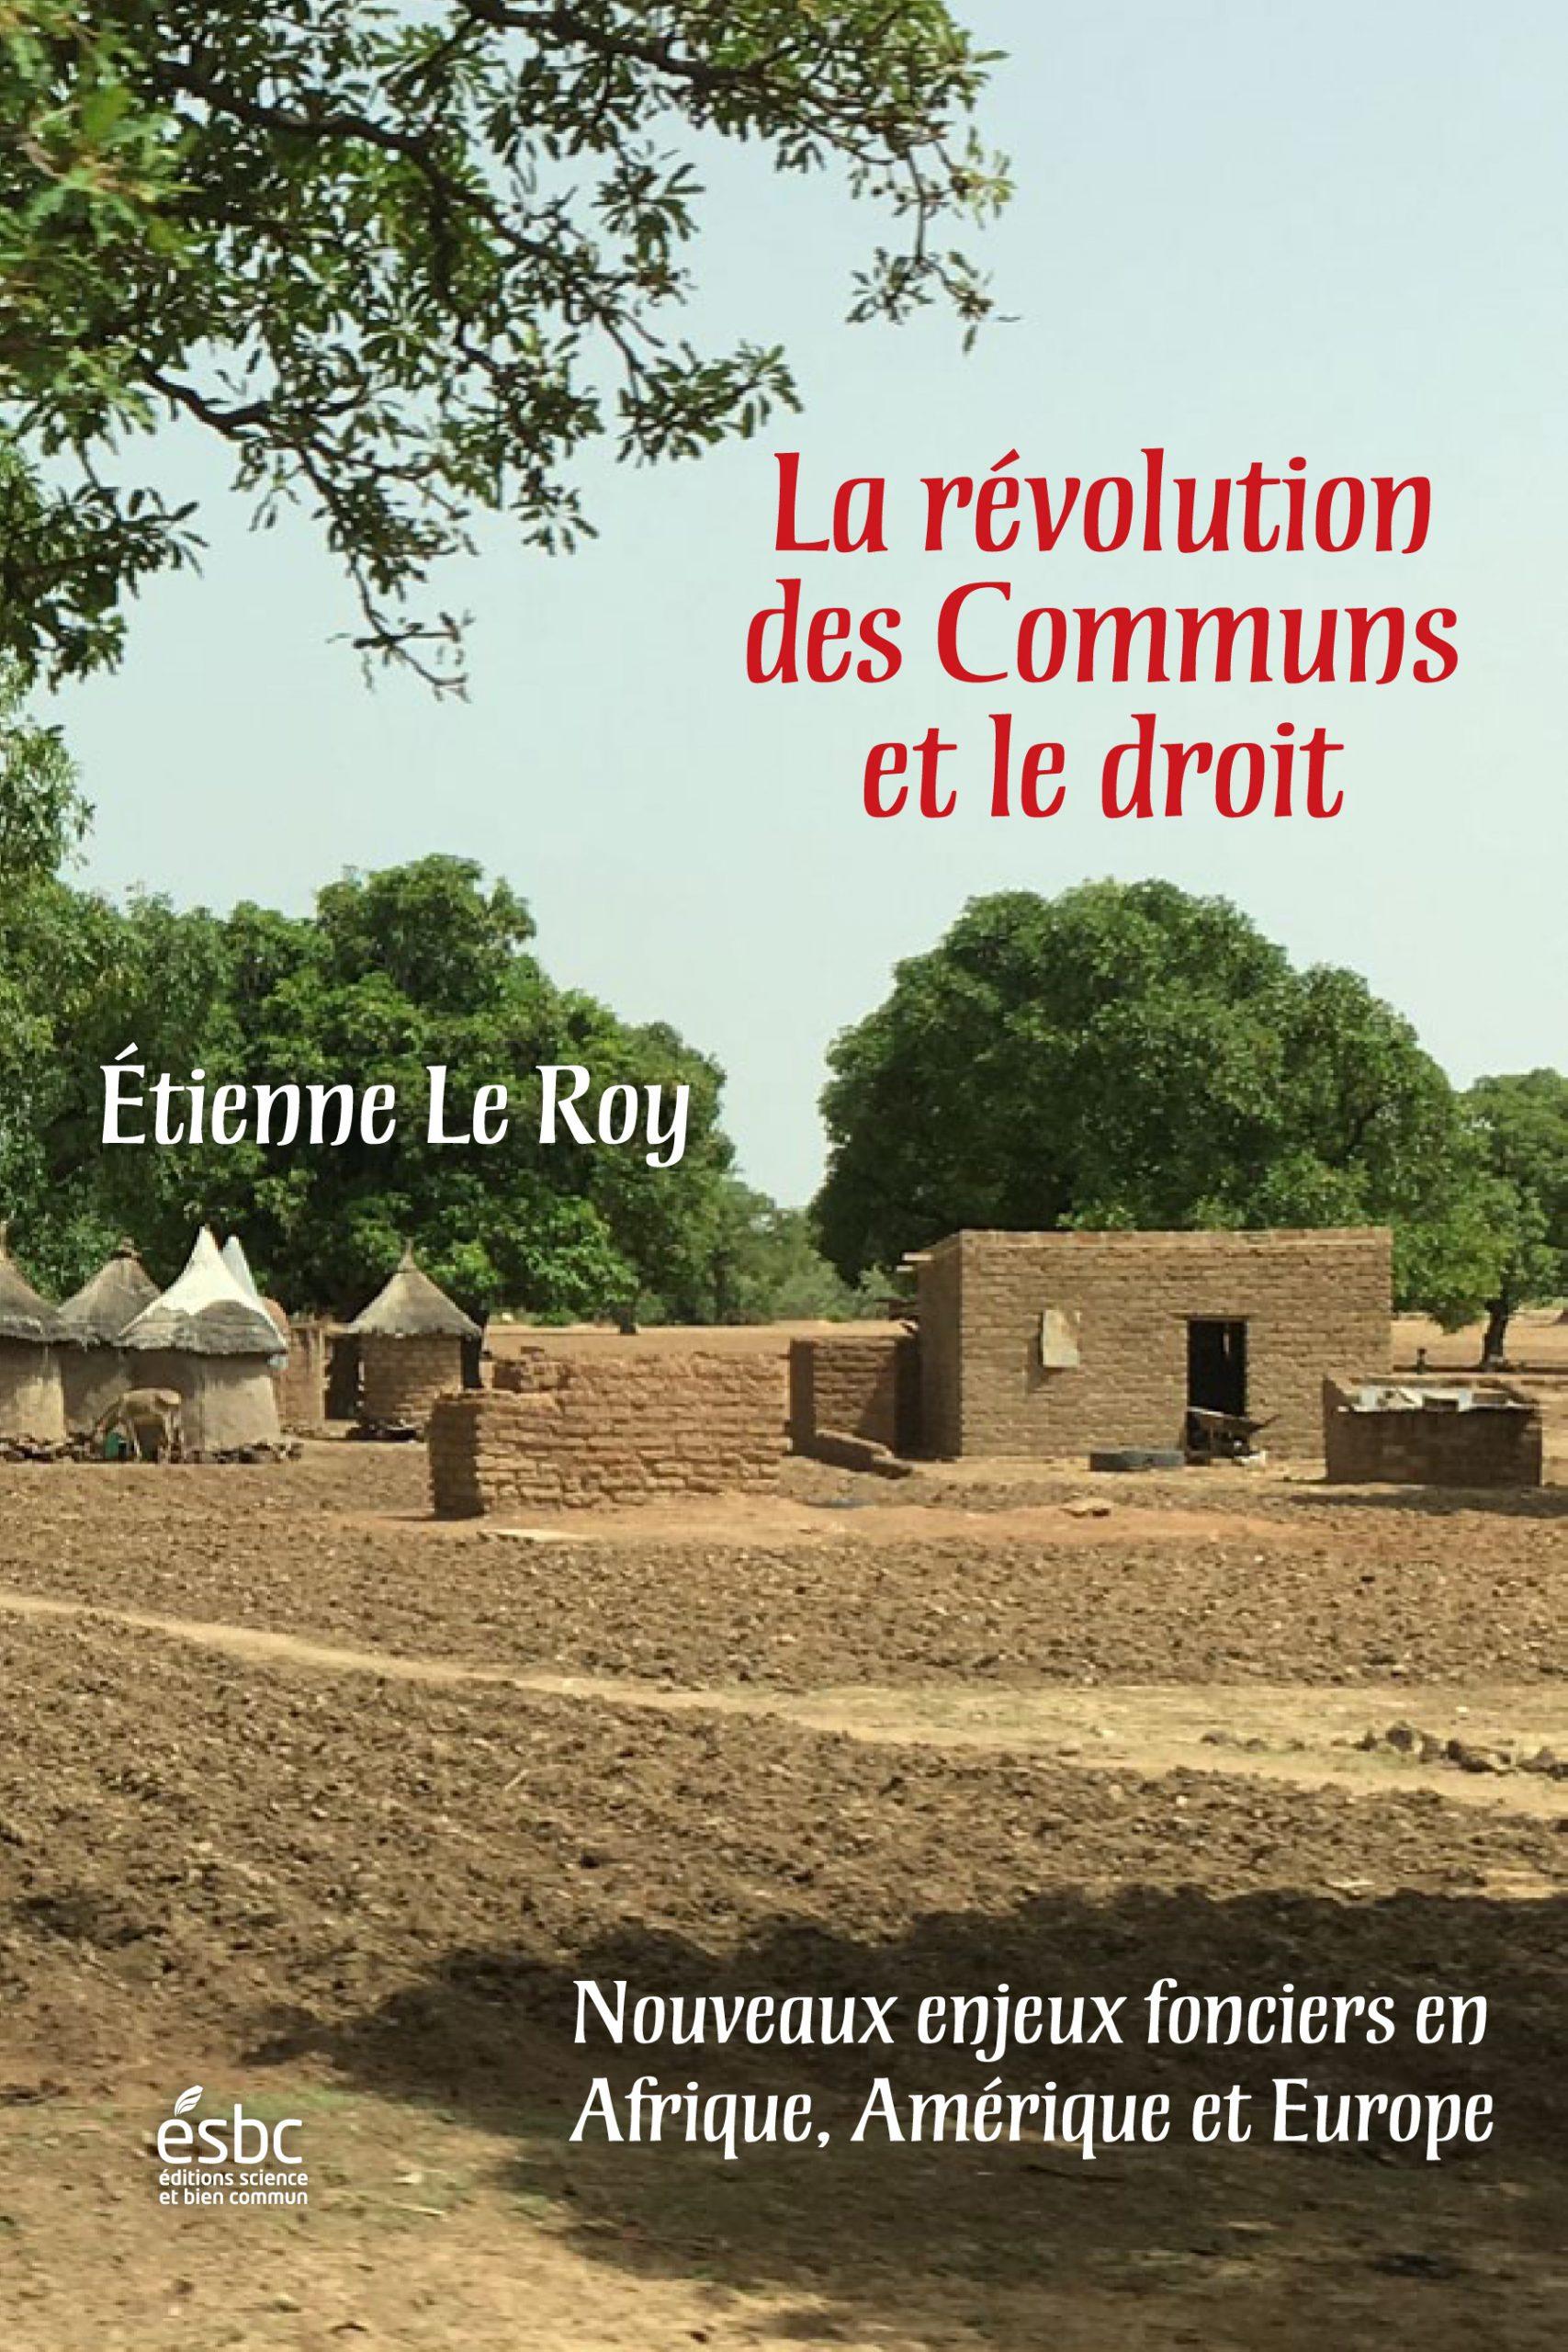 La révolution des Communs et le droit